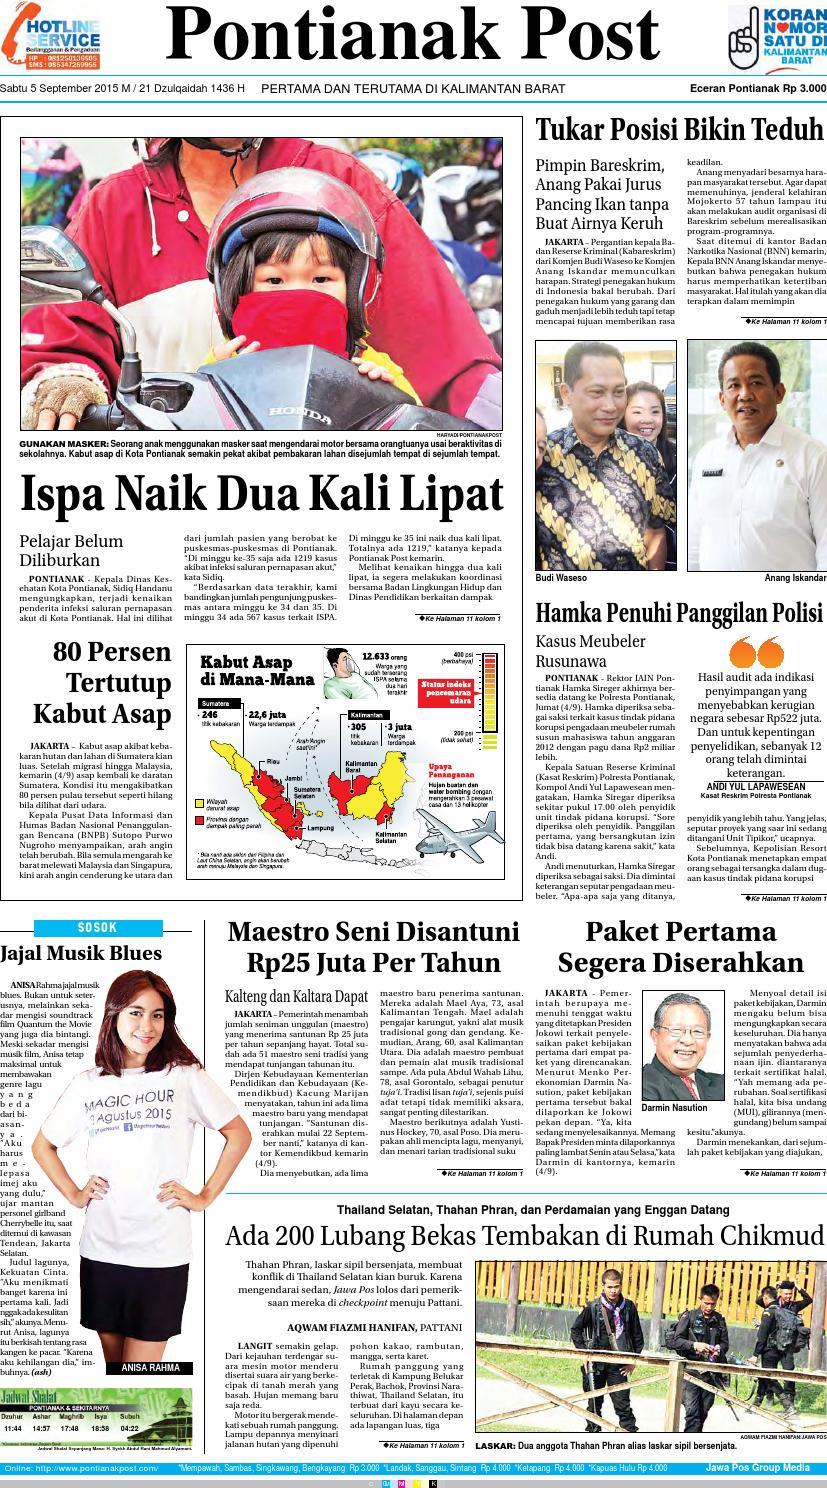 Pontianak Post Pertama Dan Terutama Di Kalimantan Barat By Probisnis Produk Ukm Bumn Kain Batik Middle Premium Sutera Issuu